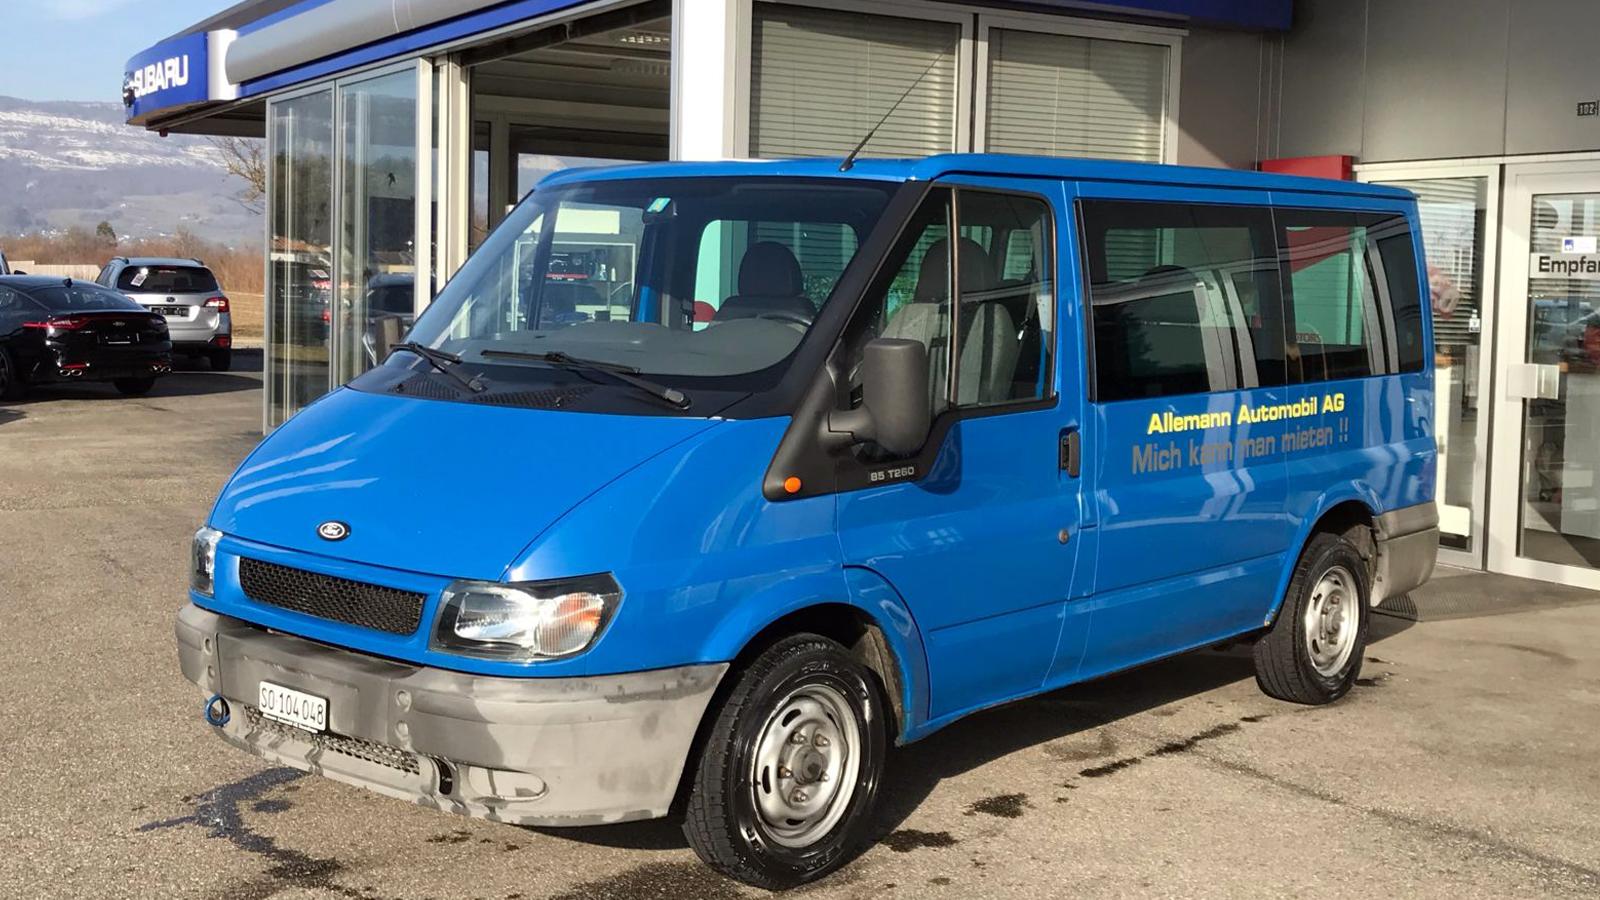 Mietfahrzeuge Personentransport Allemann Automobile